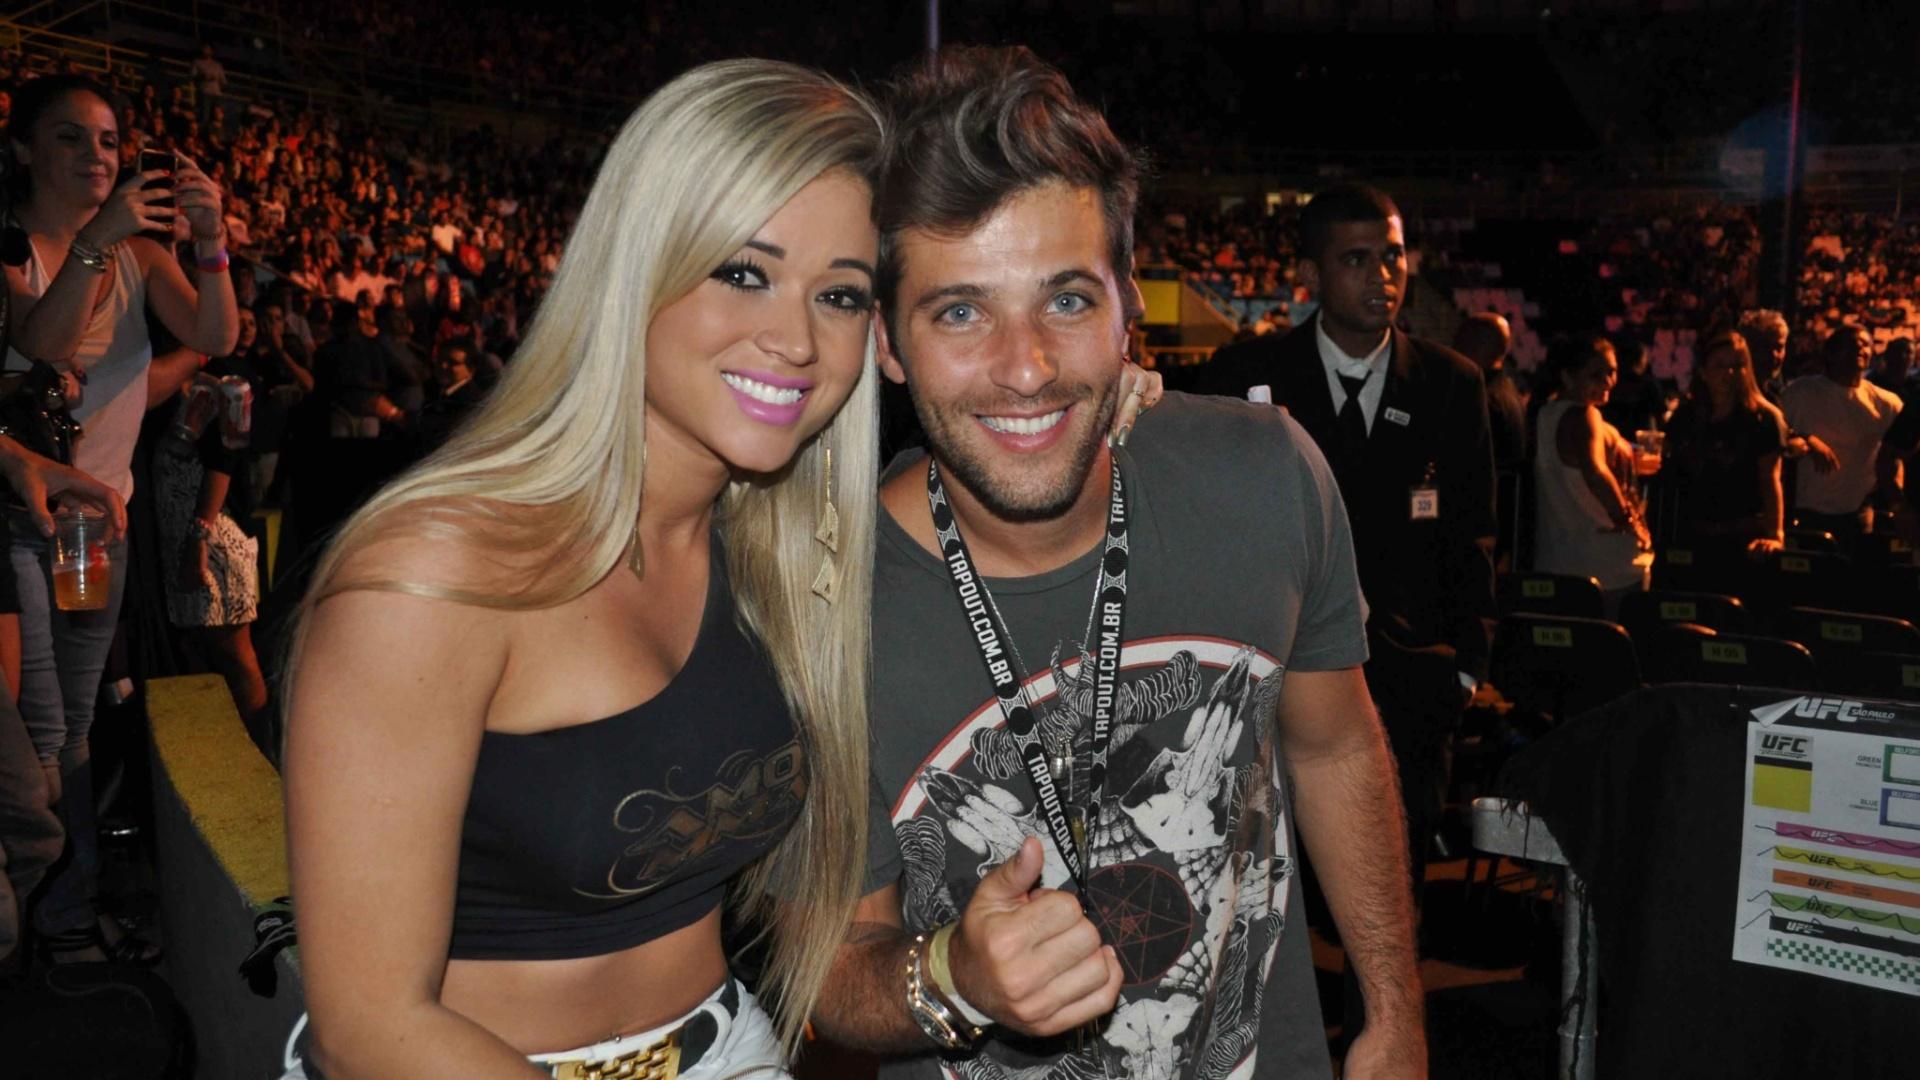 19.jan.2013 - A ex-panicat Aryane Steinkopf tietou o ator Bruno Gagliasso no no UFC São Paulo que aconteceu no Ginásio do Ibirapuera